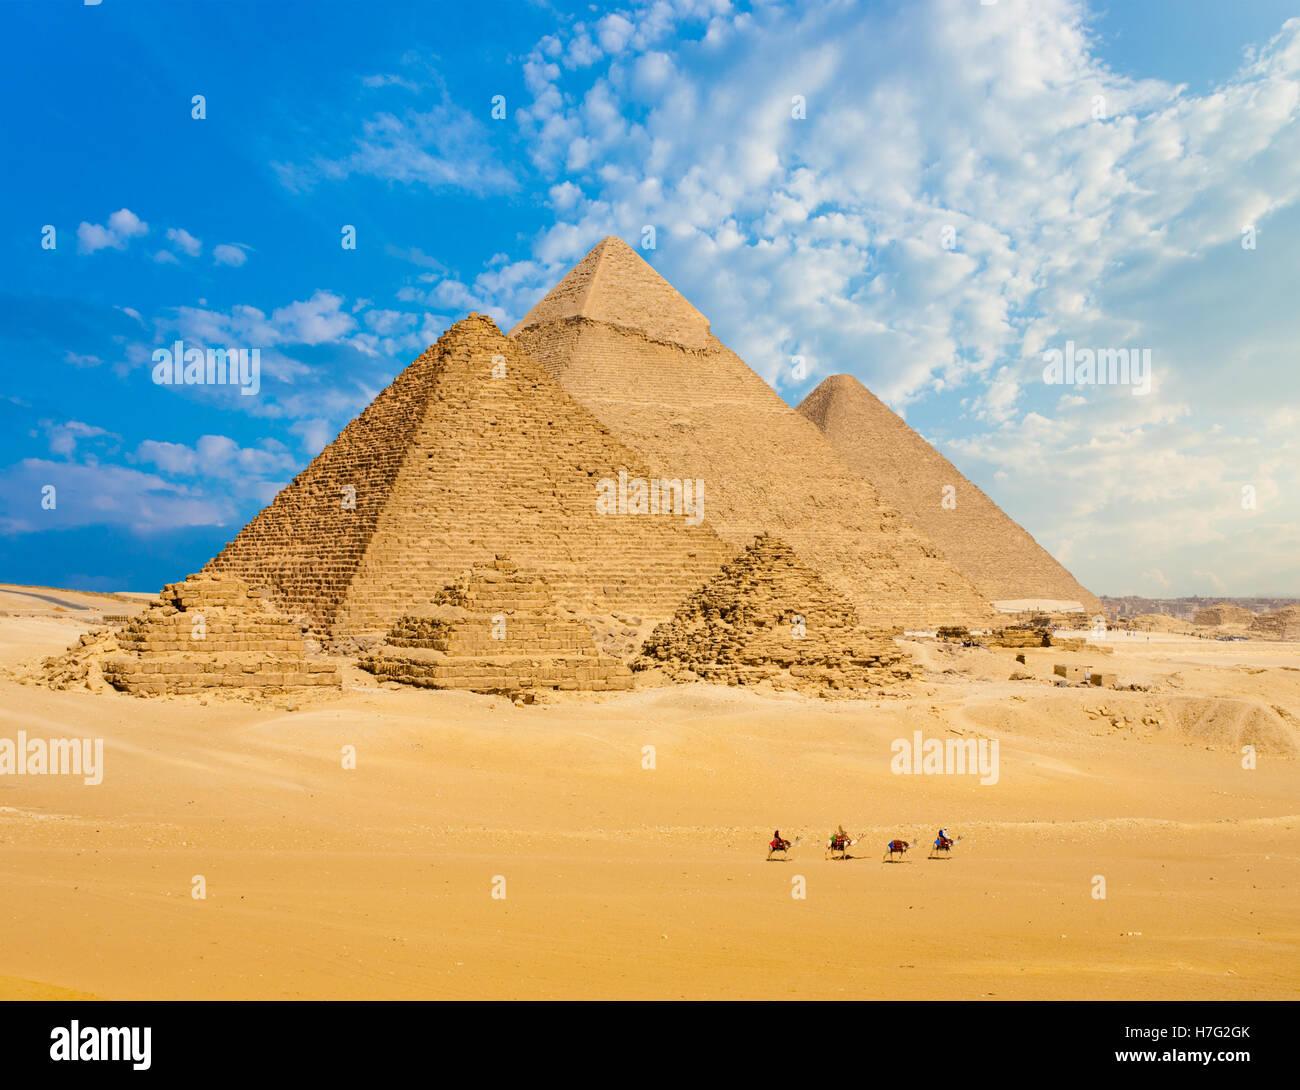 Tutte le piramidi egiziane a distanza con fila di cammelli a piedi in primo piano in Giza, Cairo, Egitto. Teleobiettivo Immagini Stock